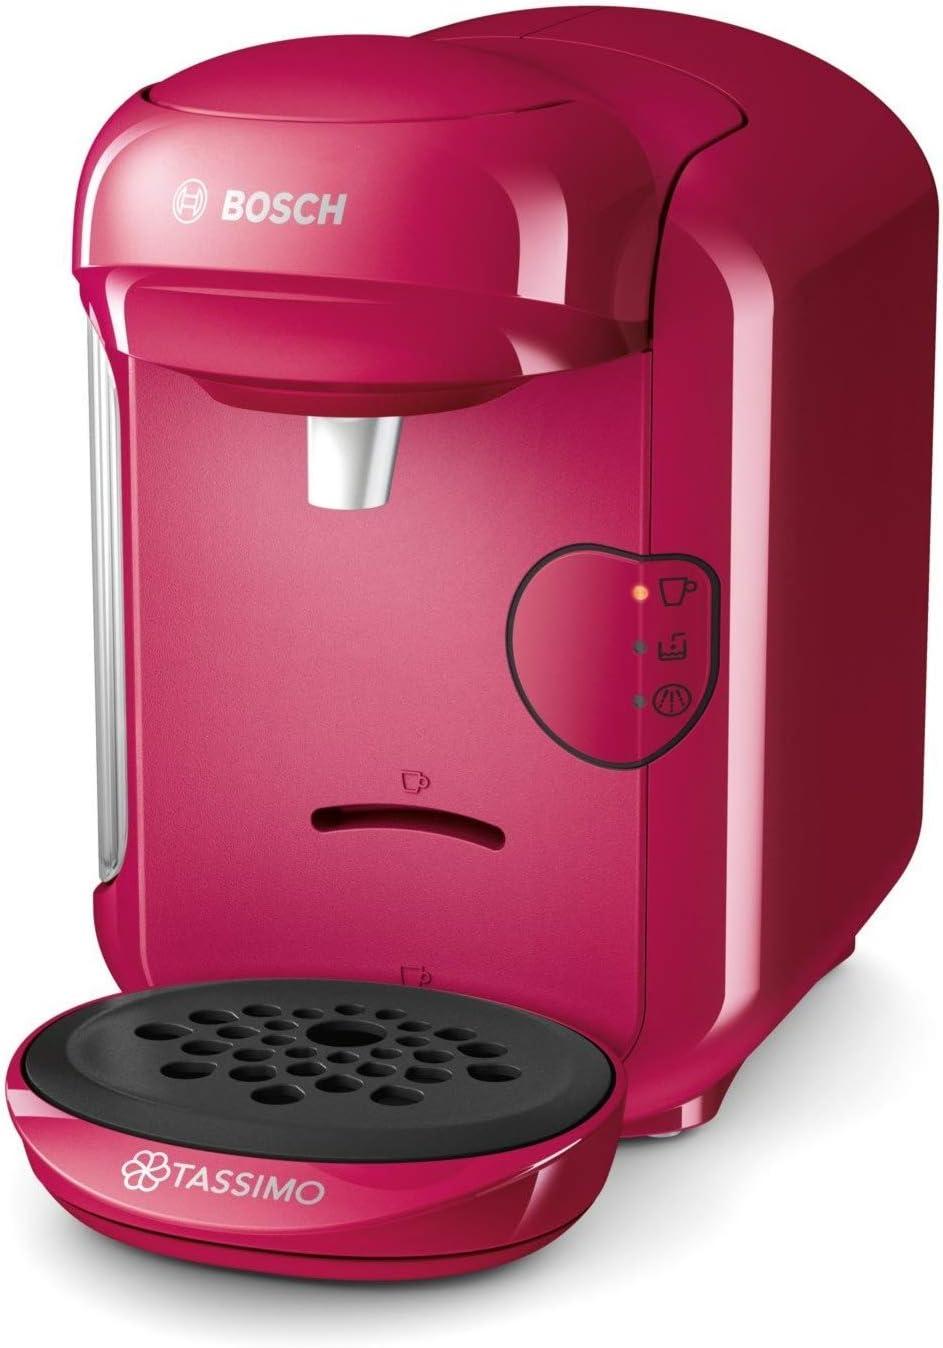 Bosch TAS1401 Tassimo Vivy 2 - Cafetera Multibebidas Automática de ...